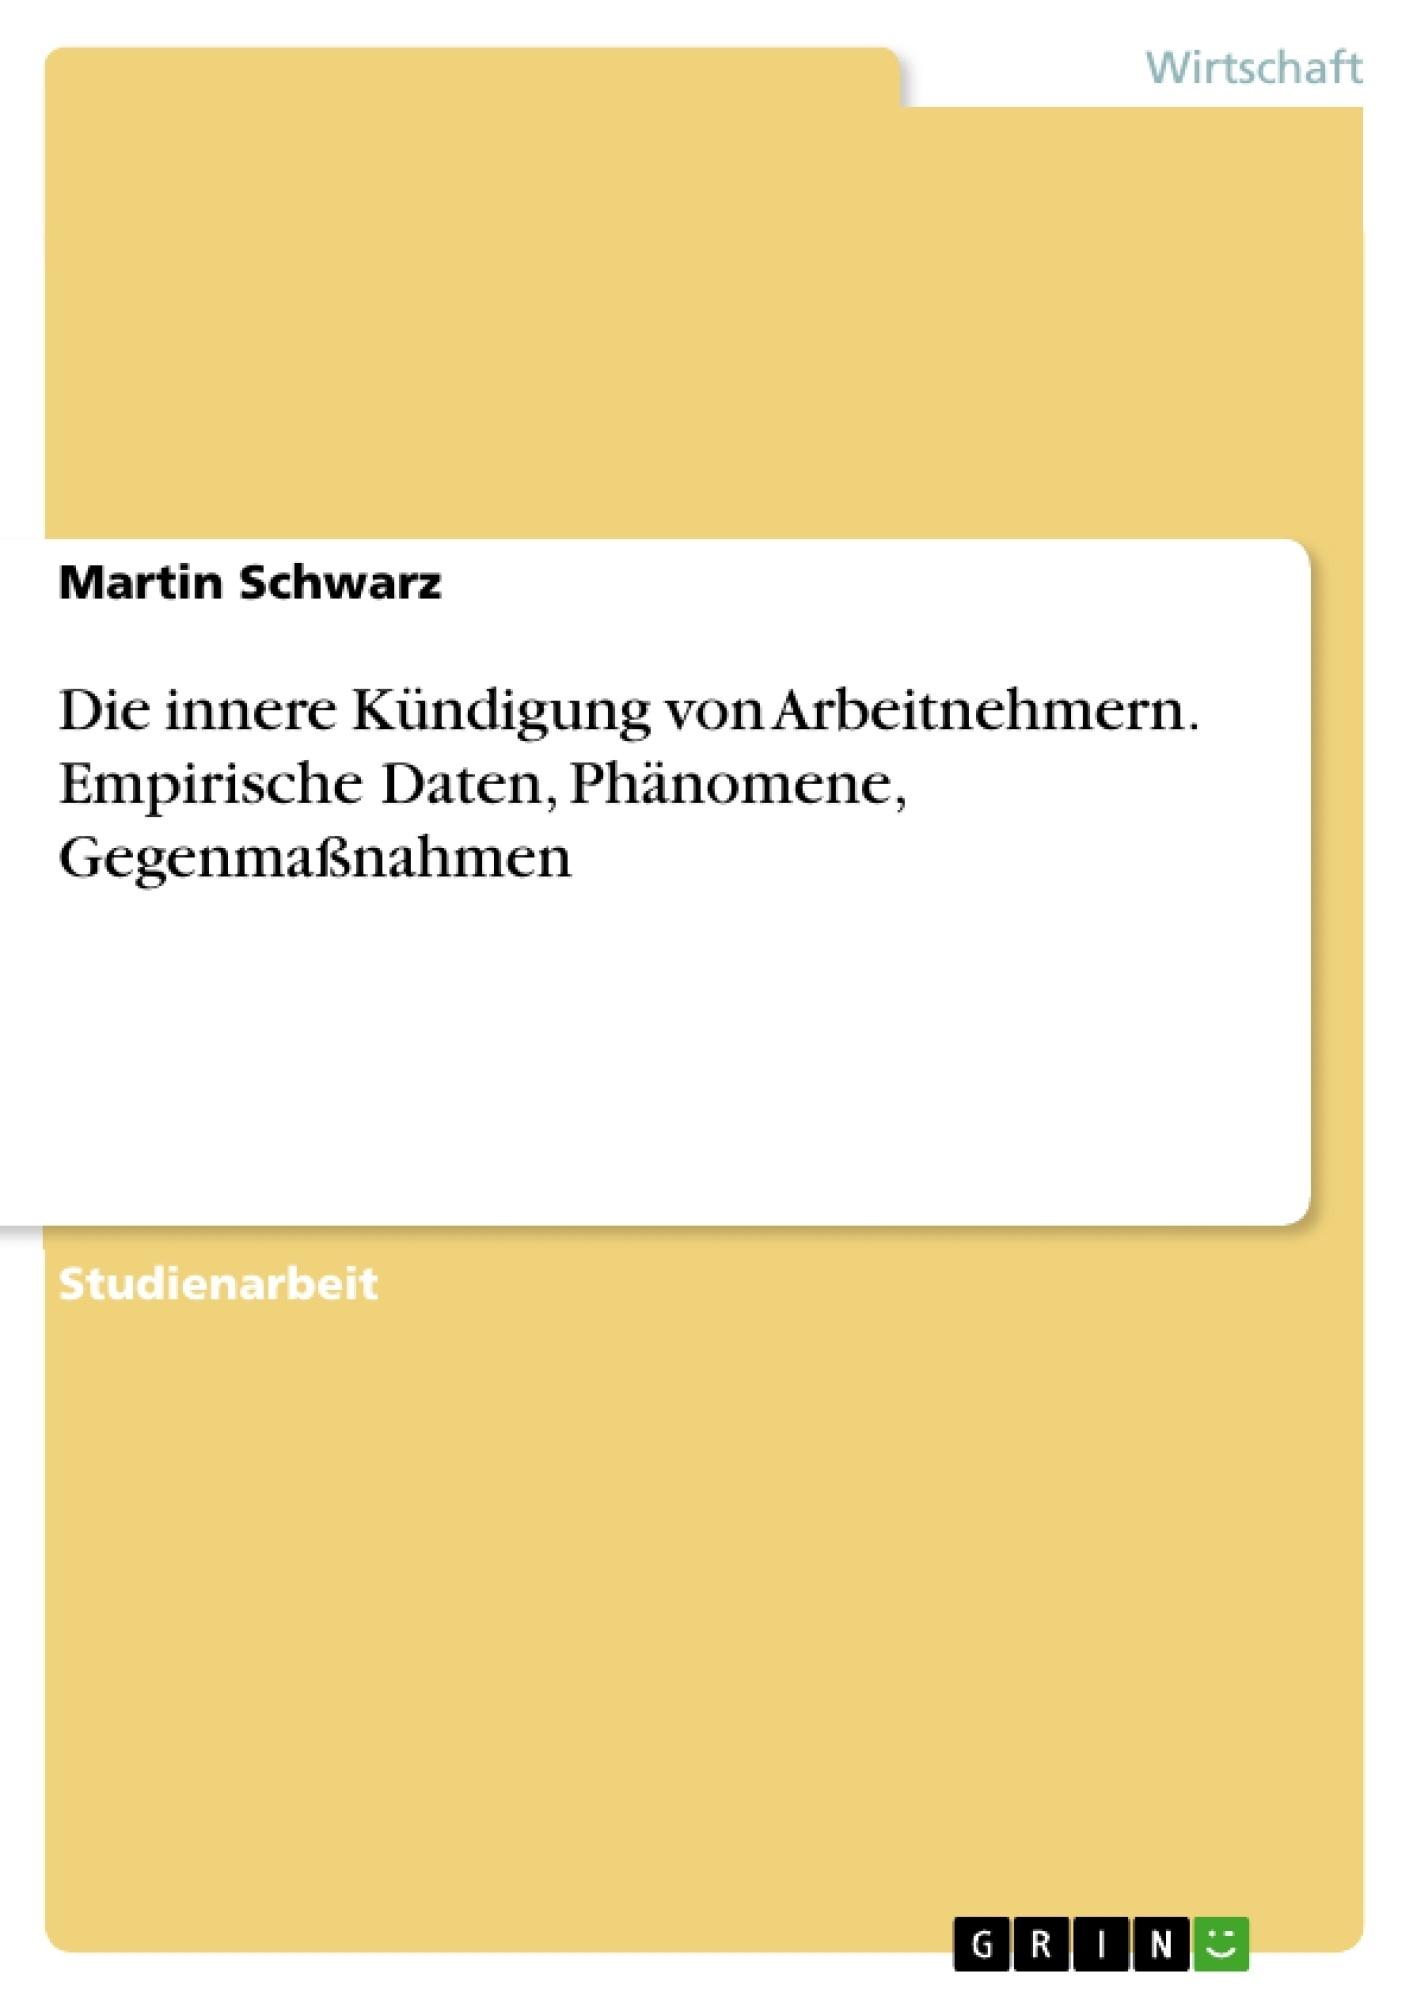 Titel: Die innere Kündigung von Arbeitnehmern. Empirische Daten, Phänomene, Gegenmaßnahmen